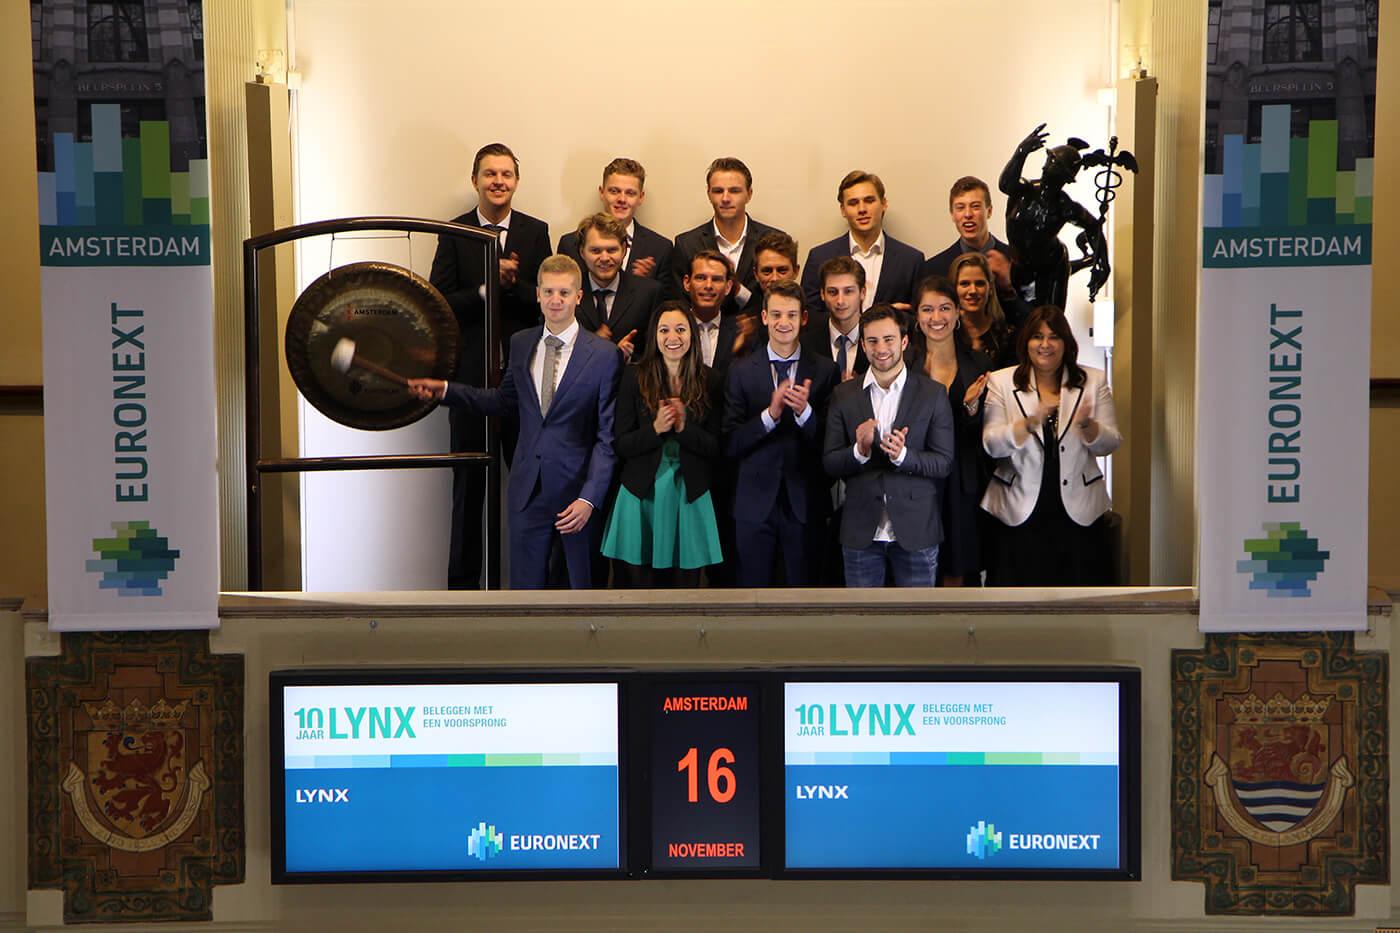 LYNX opent de beurs